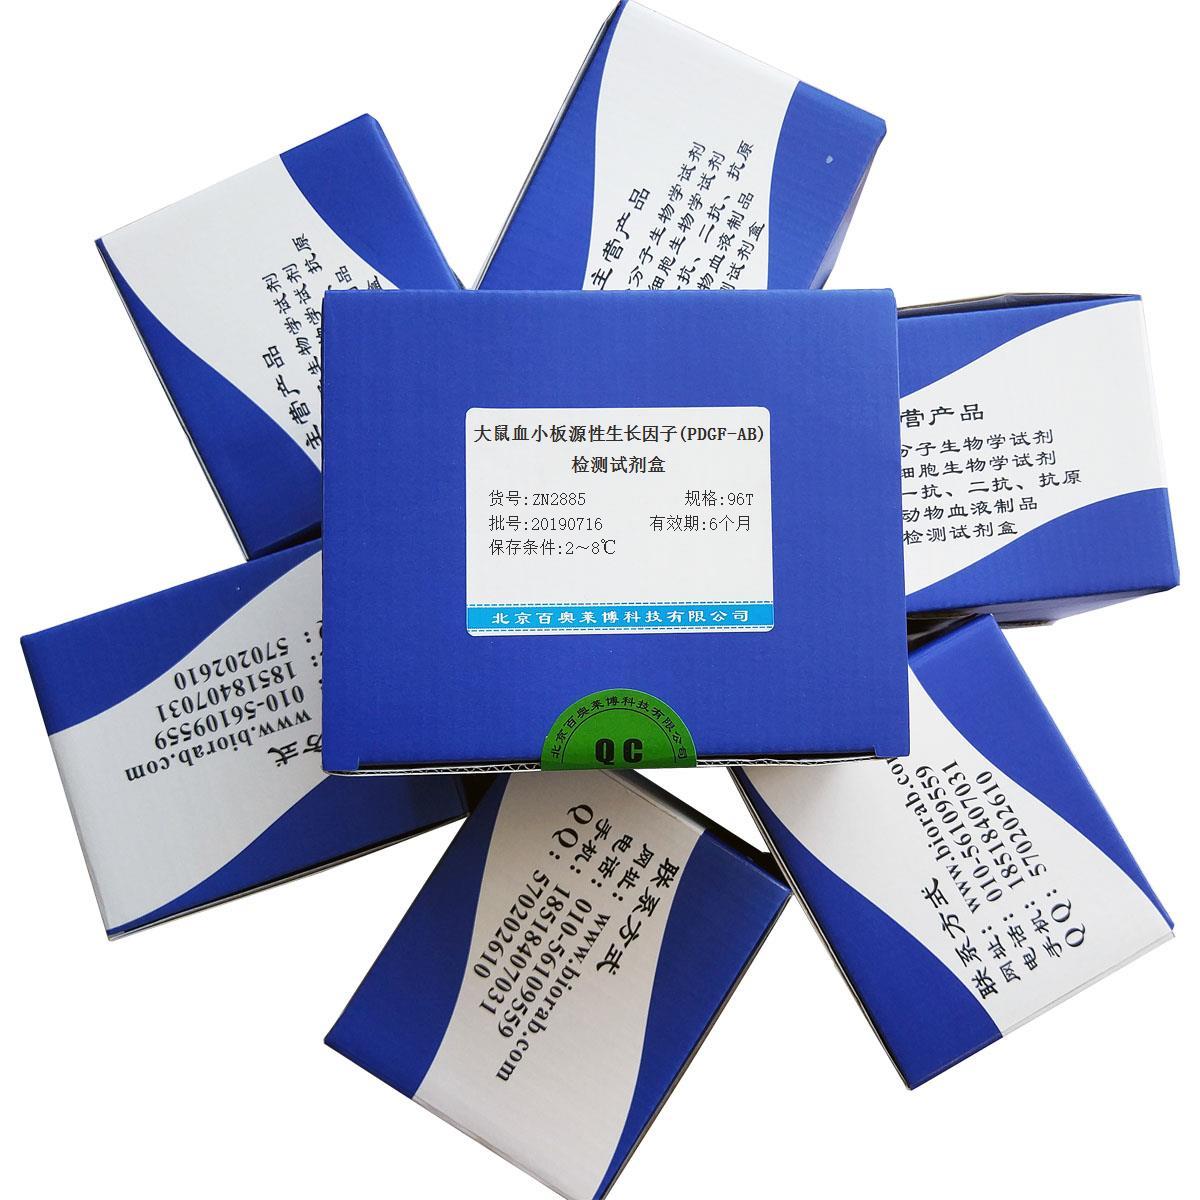 大鼠血小板源性生长因子(PDGF-AB)检测试剂盒